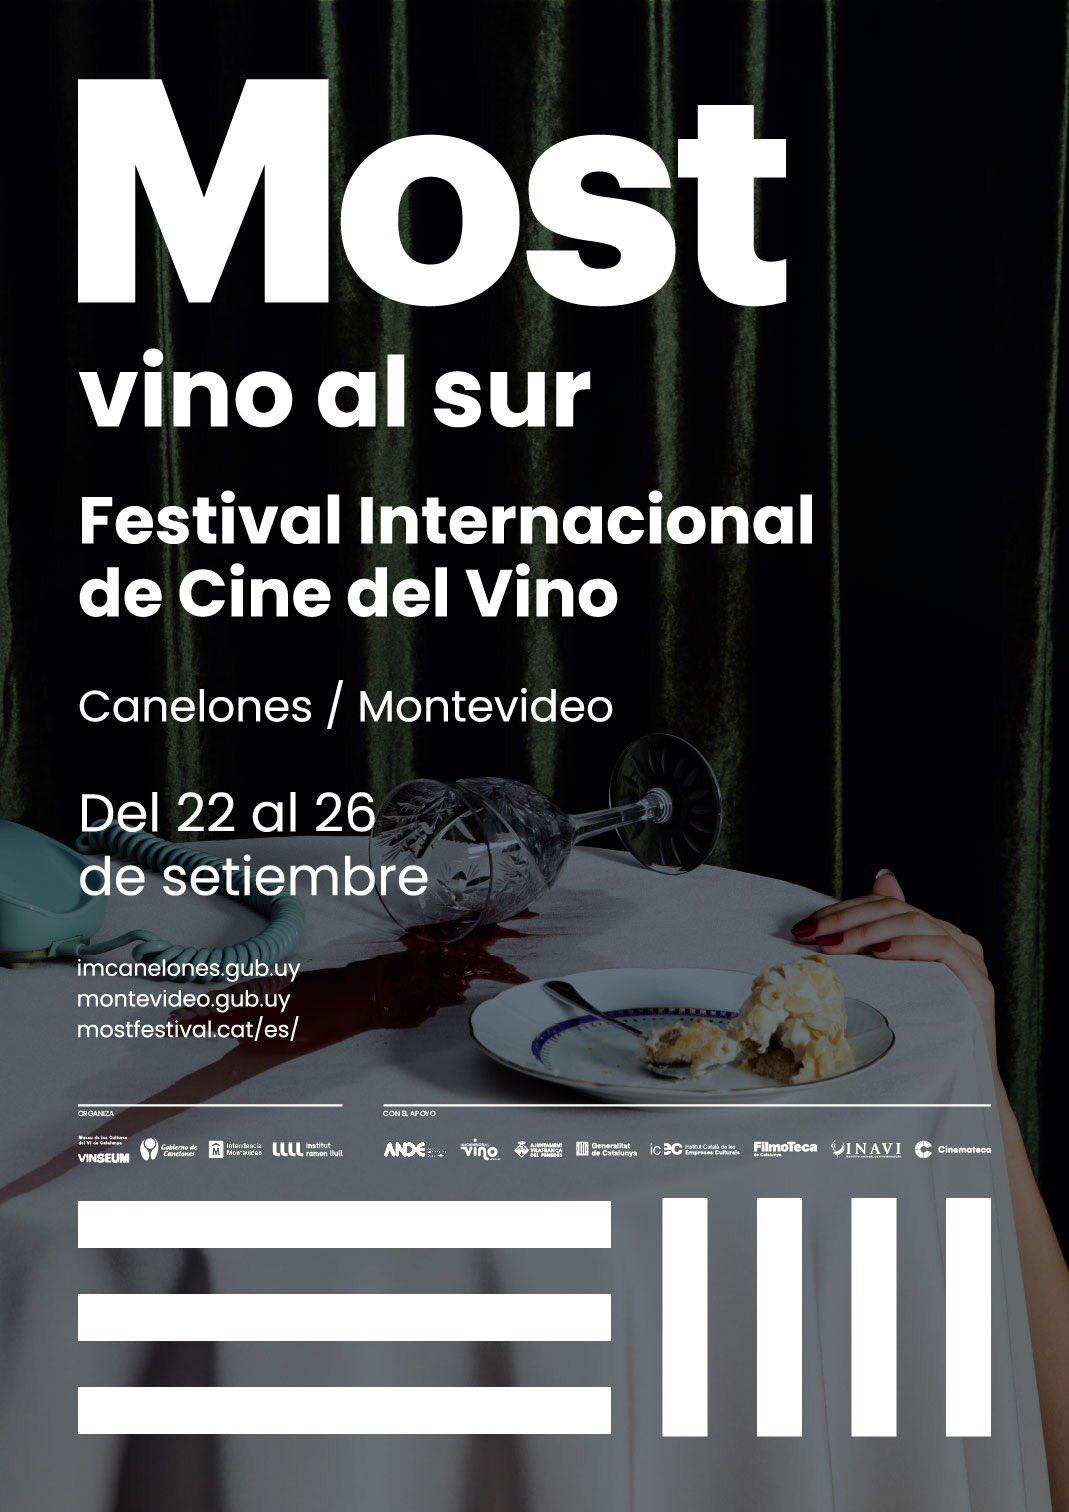 Festival Internacional de Cine del Vino Most en Canelones